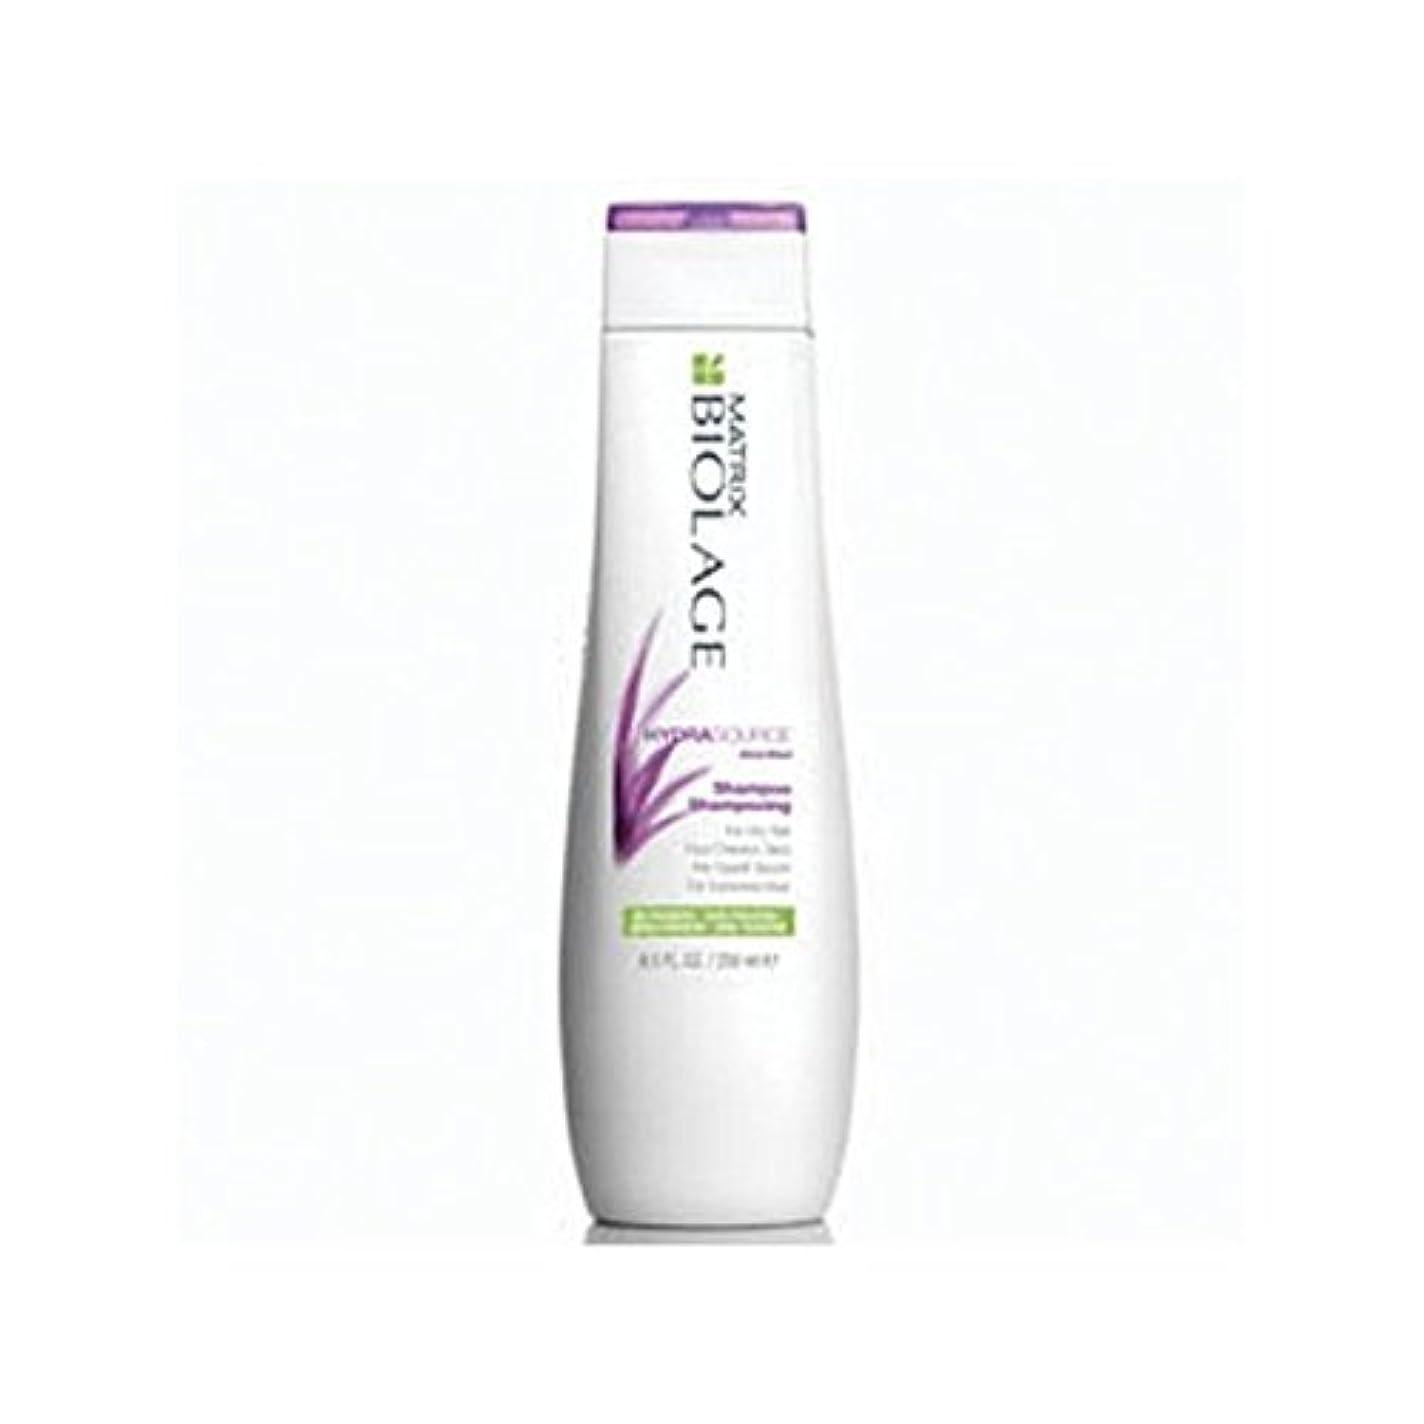 最適ベッツィトロットウッドその後Matrix Biolage Hydrasource Shampoo (250ml) (Pack of 6) - マトリックスバイオレイジのシャンプー(250ミリリットル) x6 [並行輸入品]